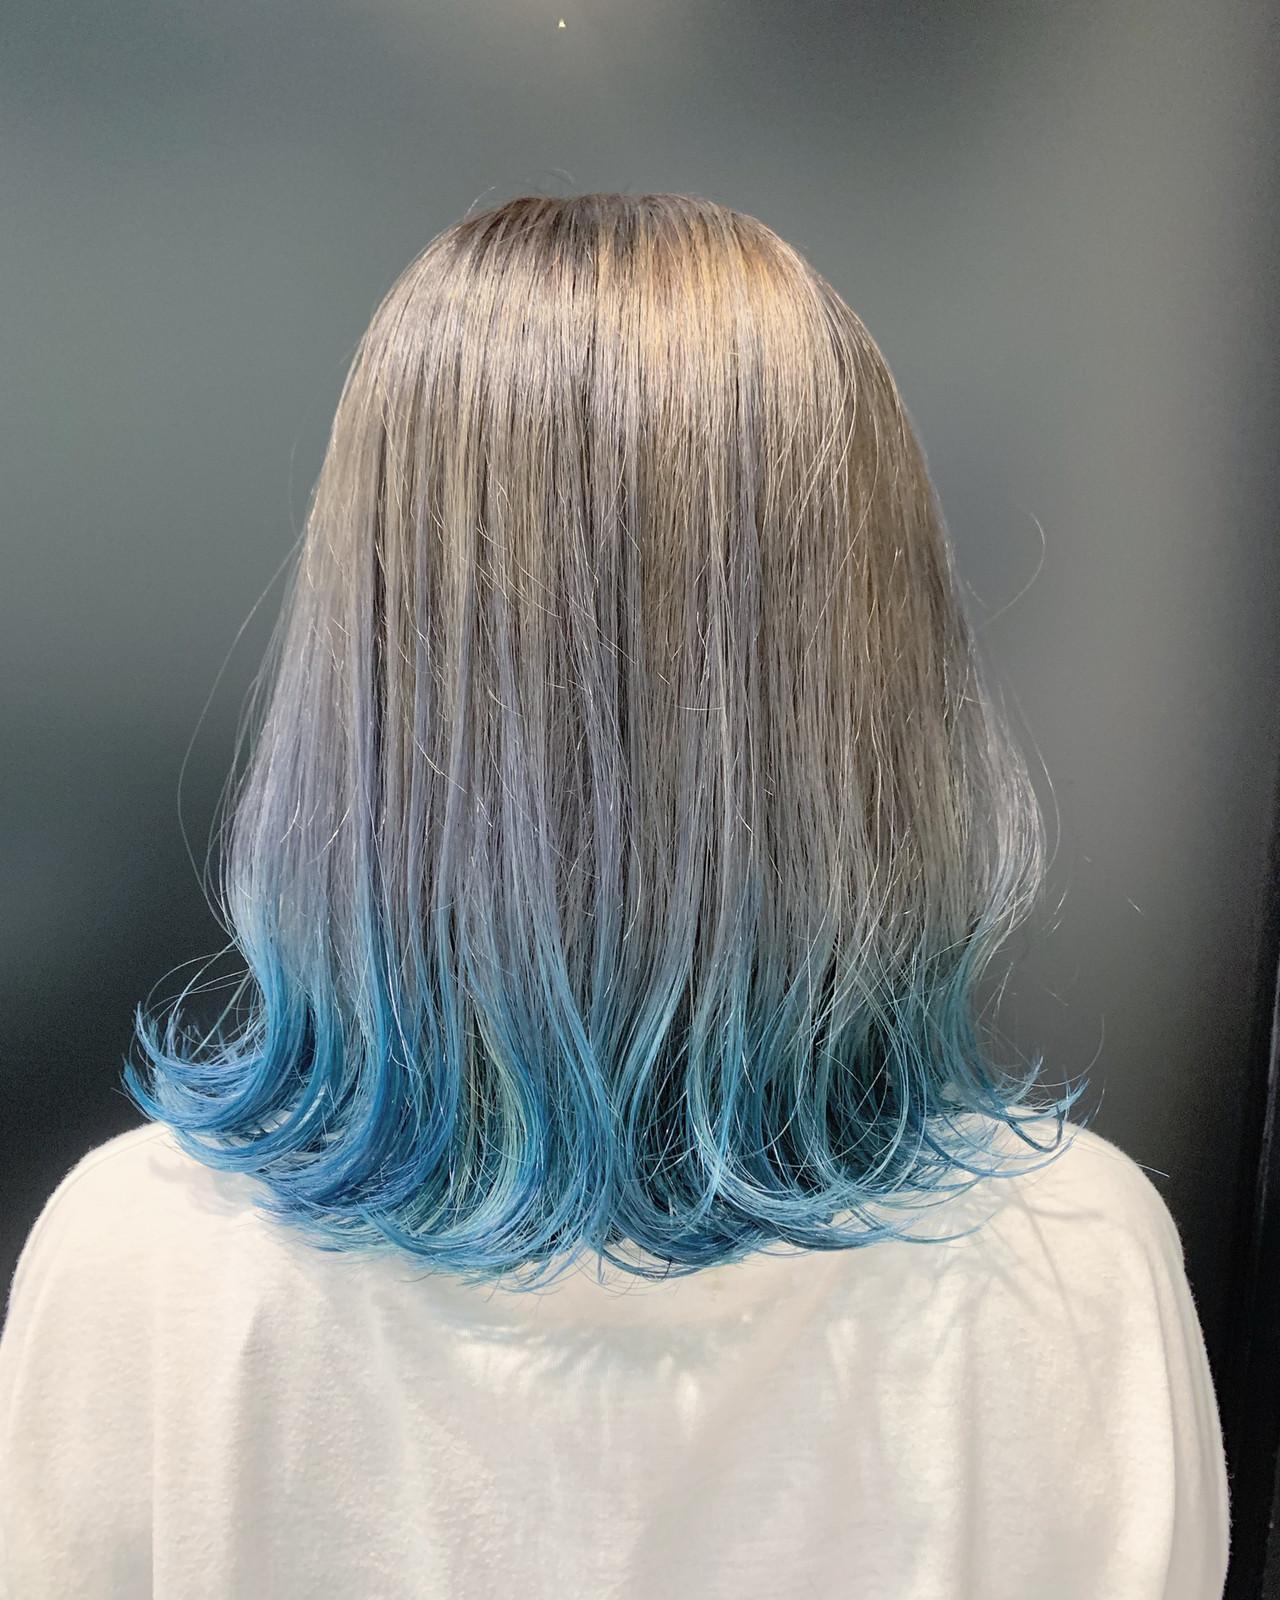 ミディアム デザインカラー ガーリー 裾カラー ヘアスタイルや髪型の写真・画像 | 平良 祥一 / HAIR&MAKE EARTH 新都心店